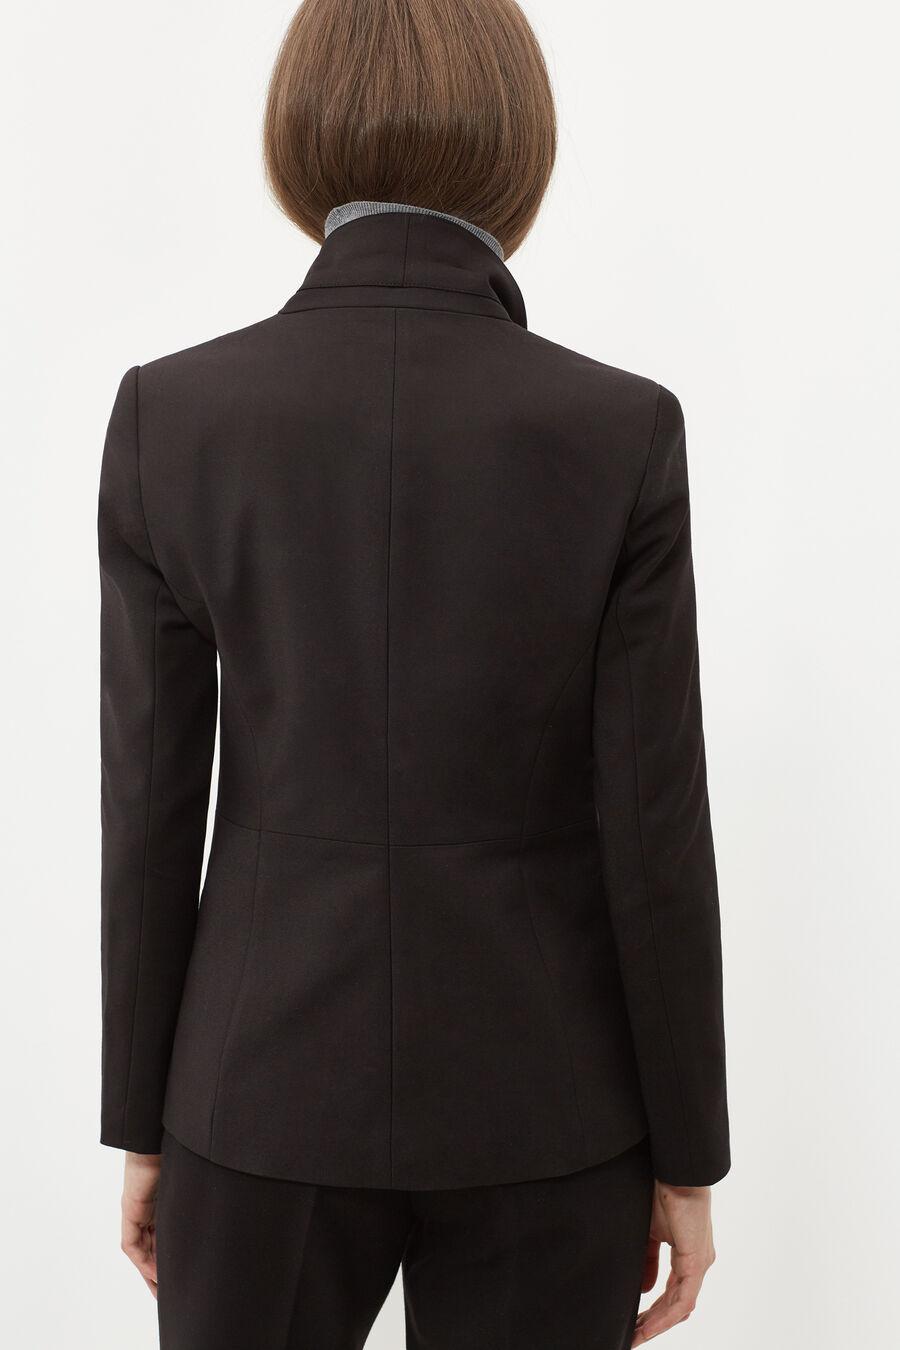 Asymmetrical cut jacket